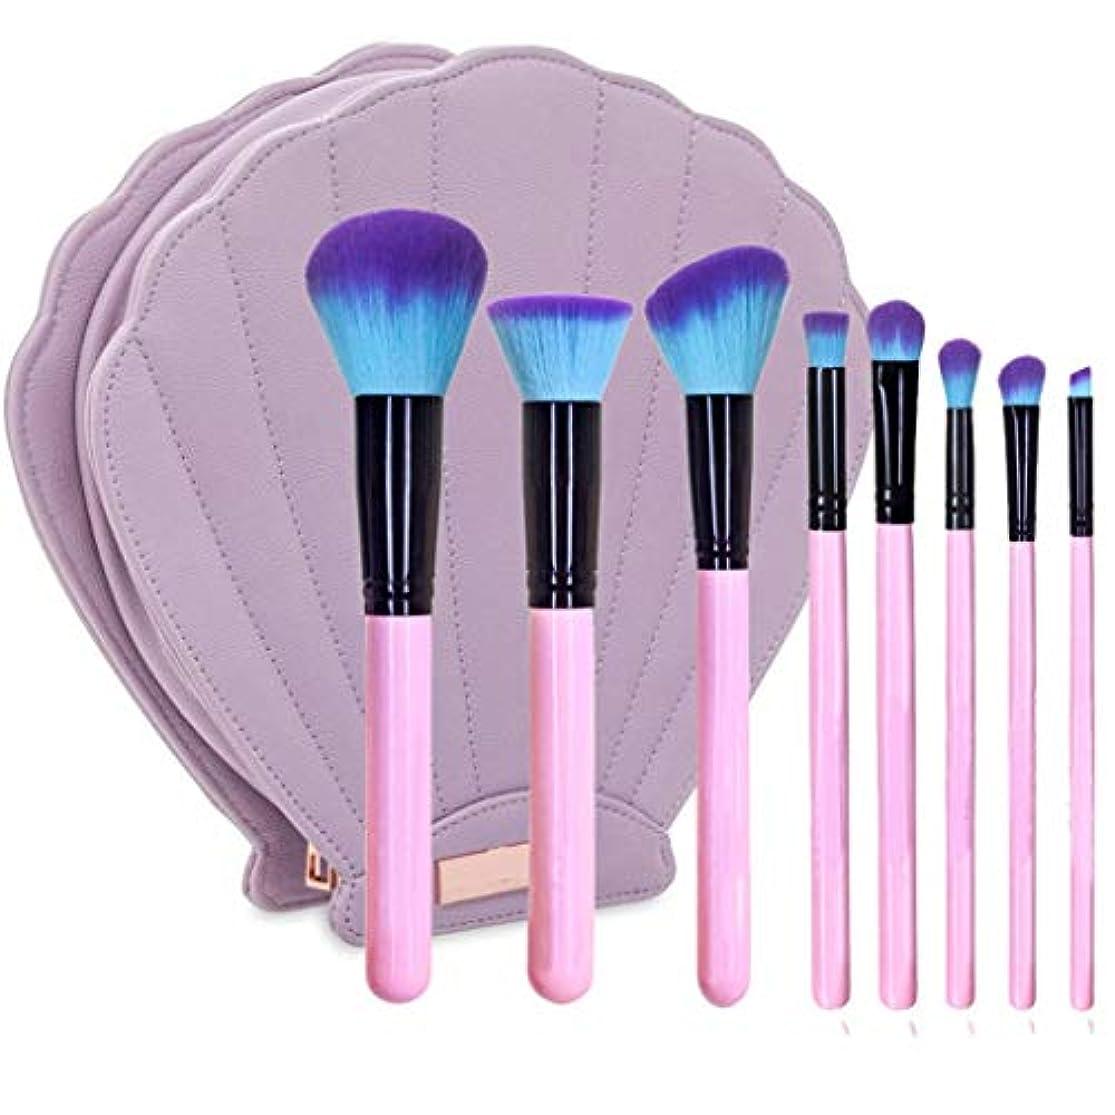 パテ気をつけてに対して10シェルバッグ化粧ブラシブルーパープルジッパーバッグセットフルセットの化粧道具,Pink